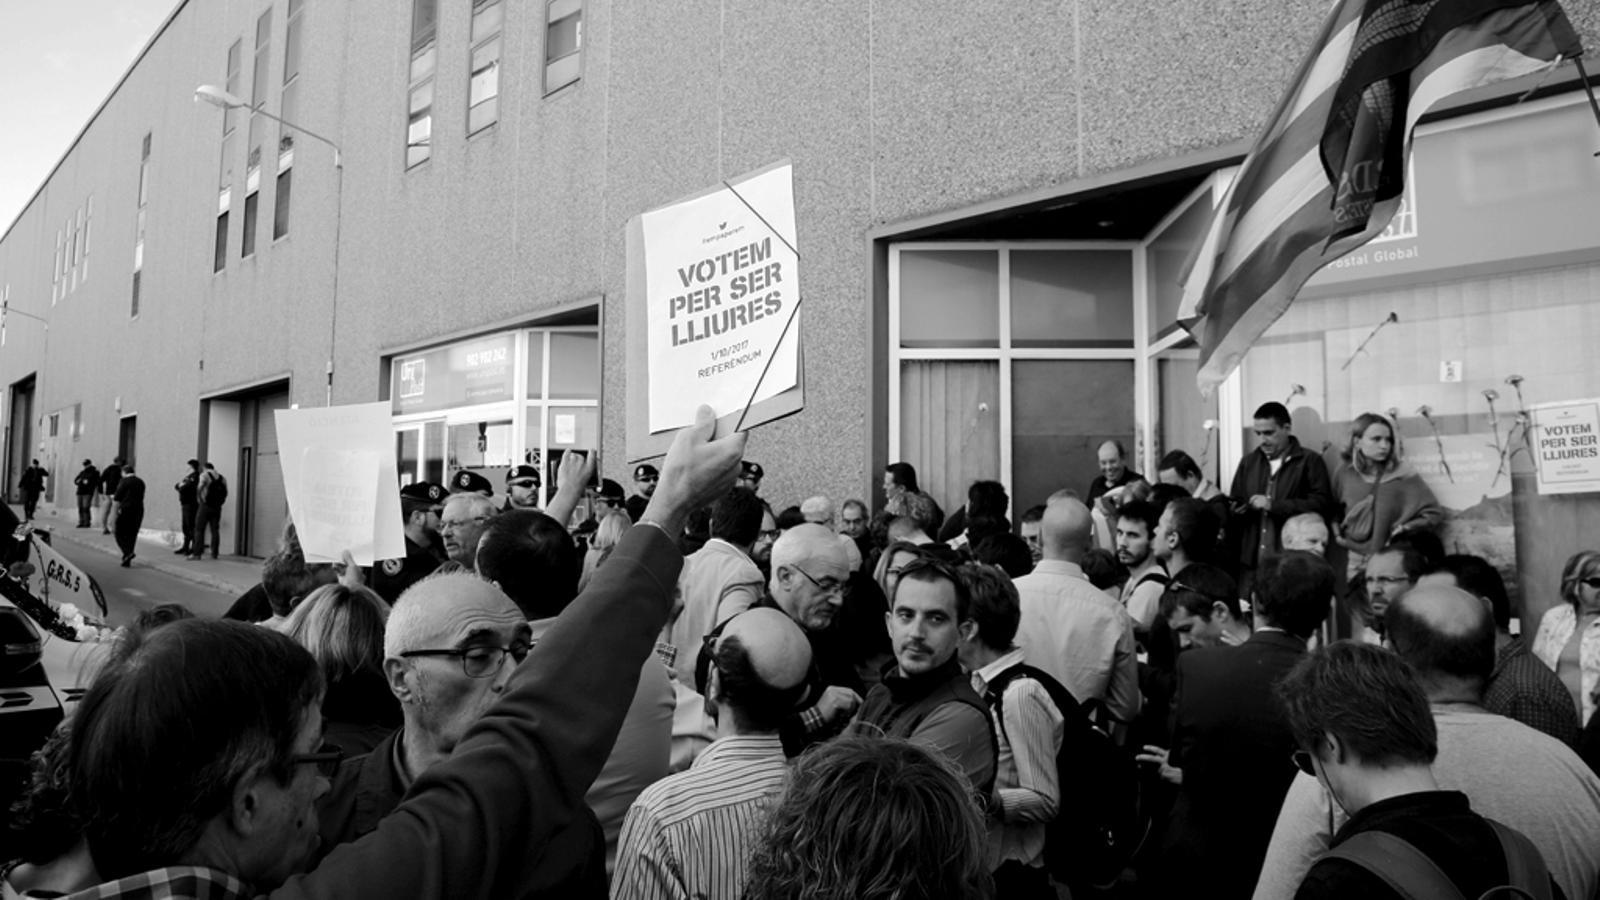 L'anàlisi d'Antoni Bassas: 'Per què anar a votar encara que no siguis indepe'